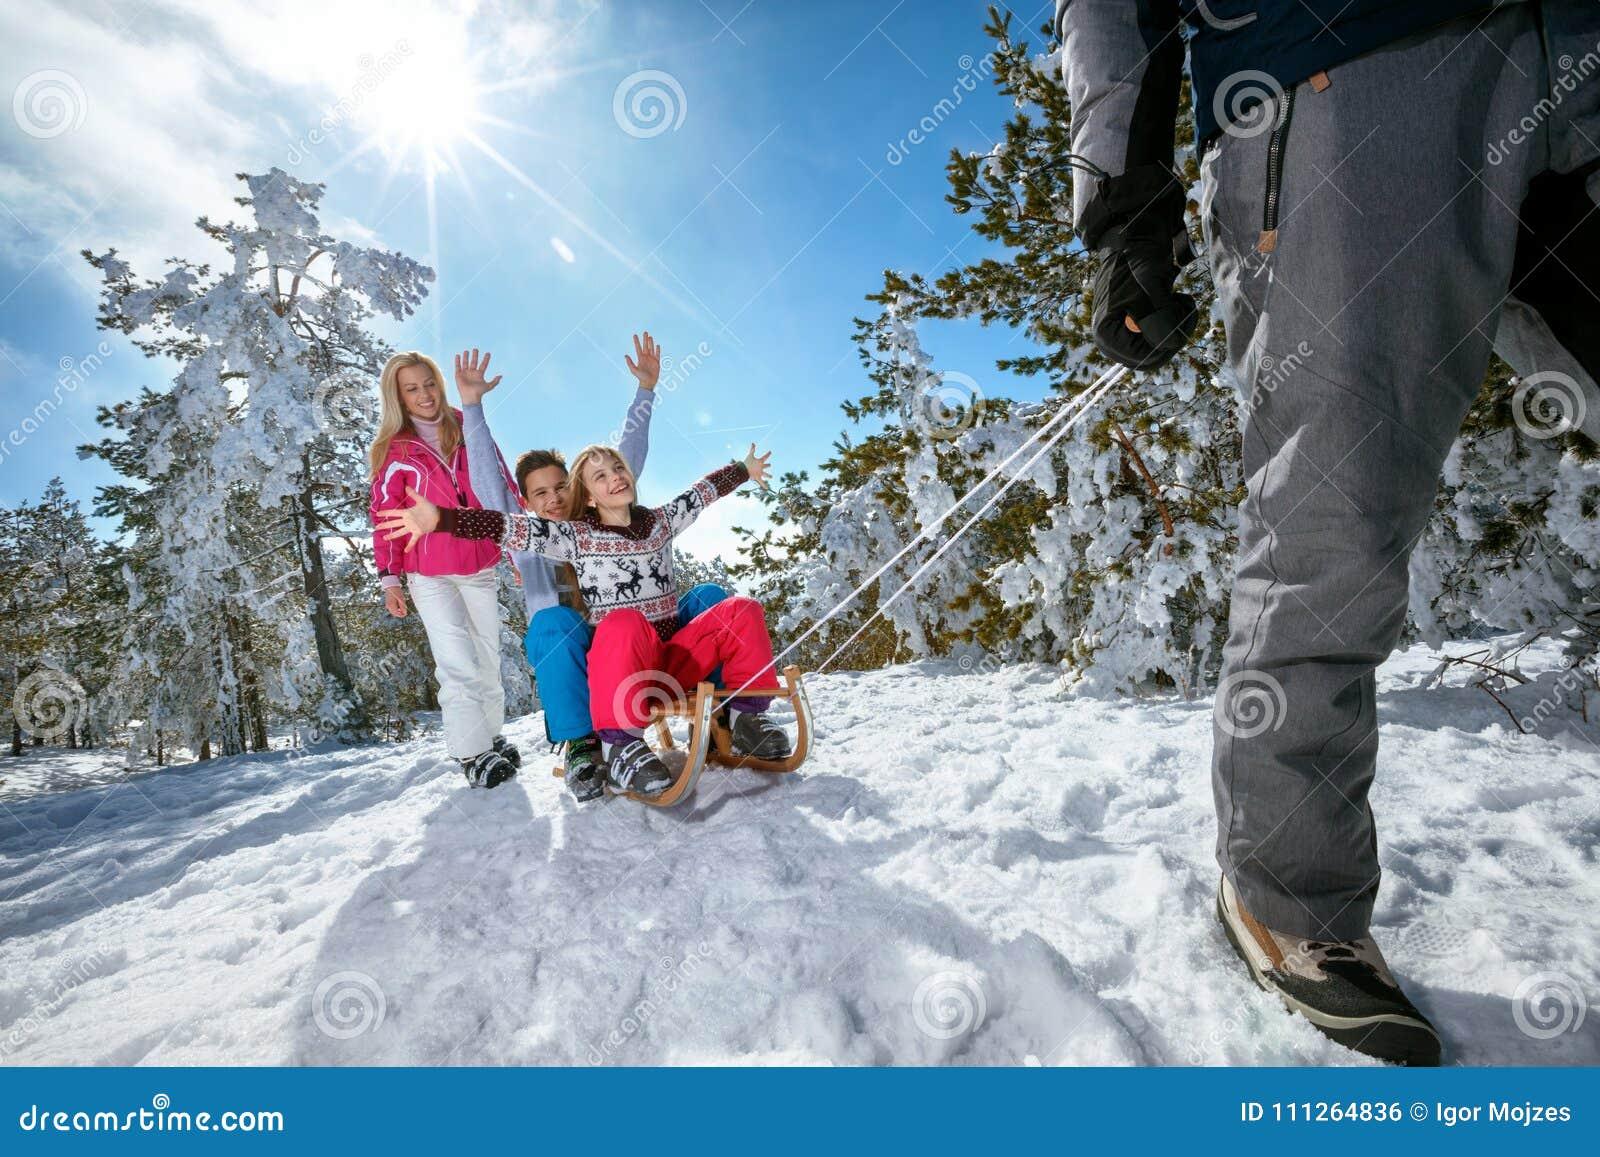 Famille sur la neige sledding et appréciant le jour ensoleillé d hiver